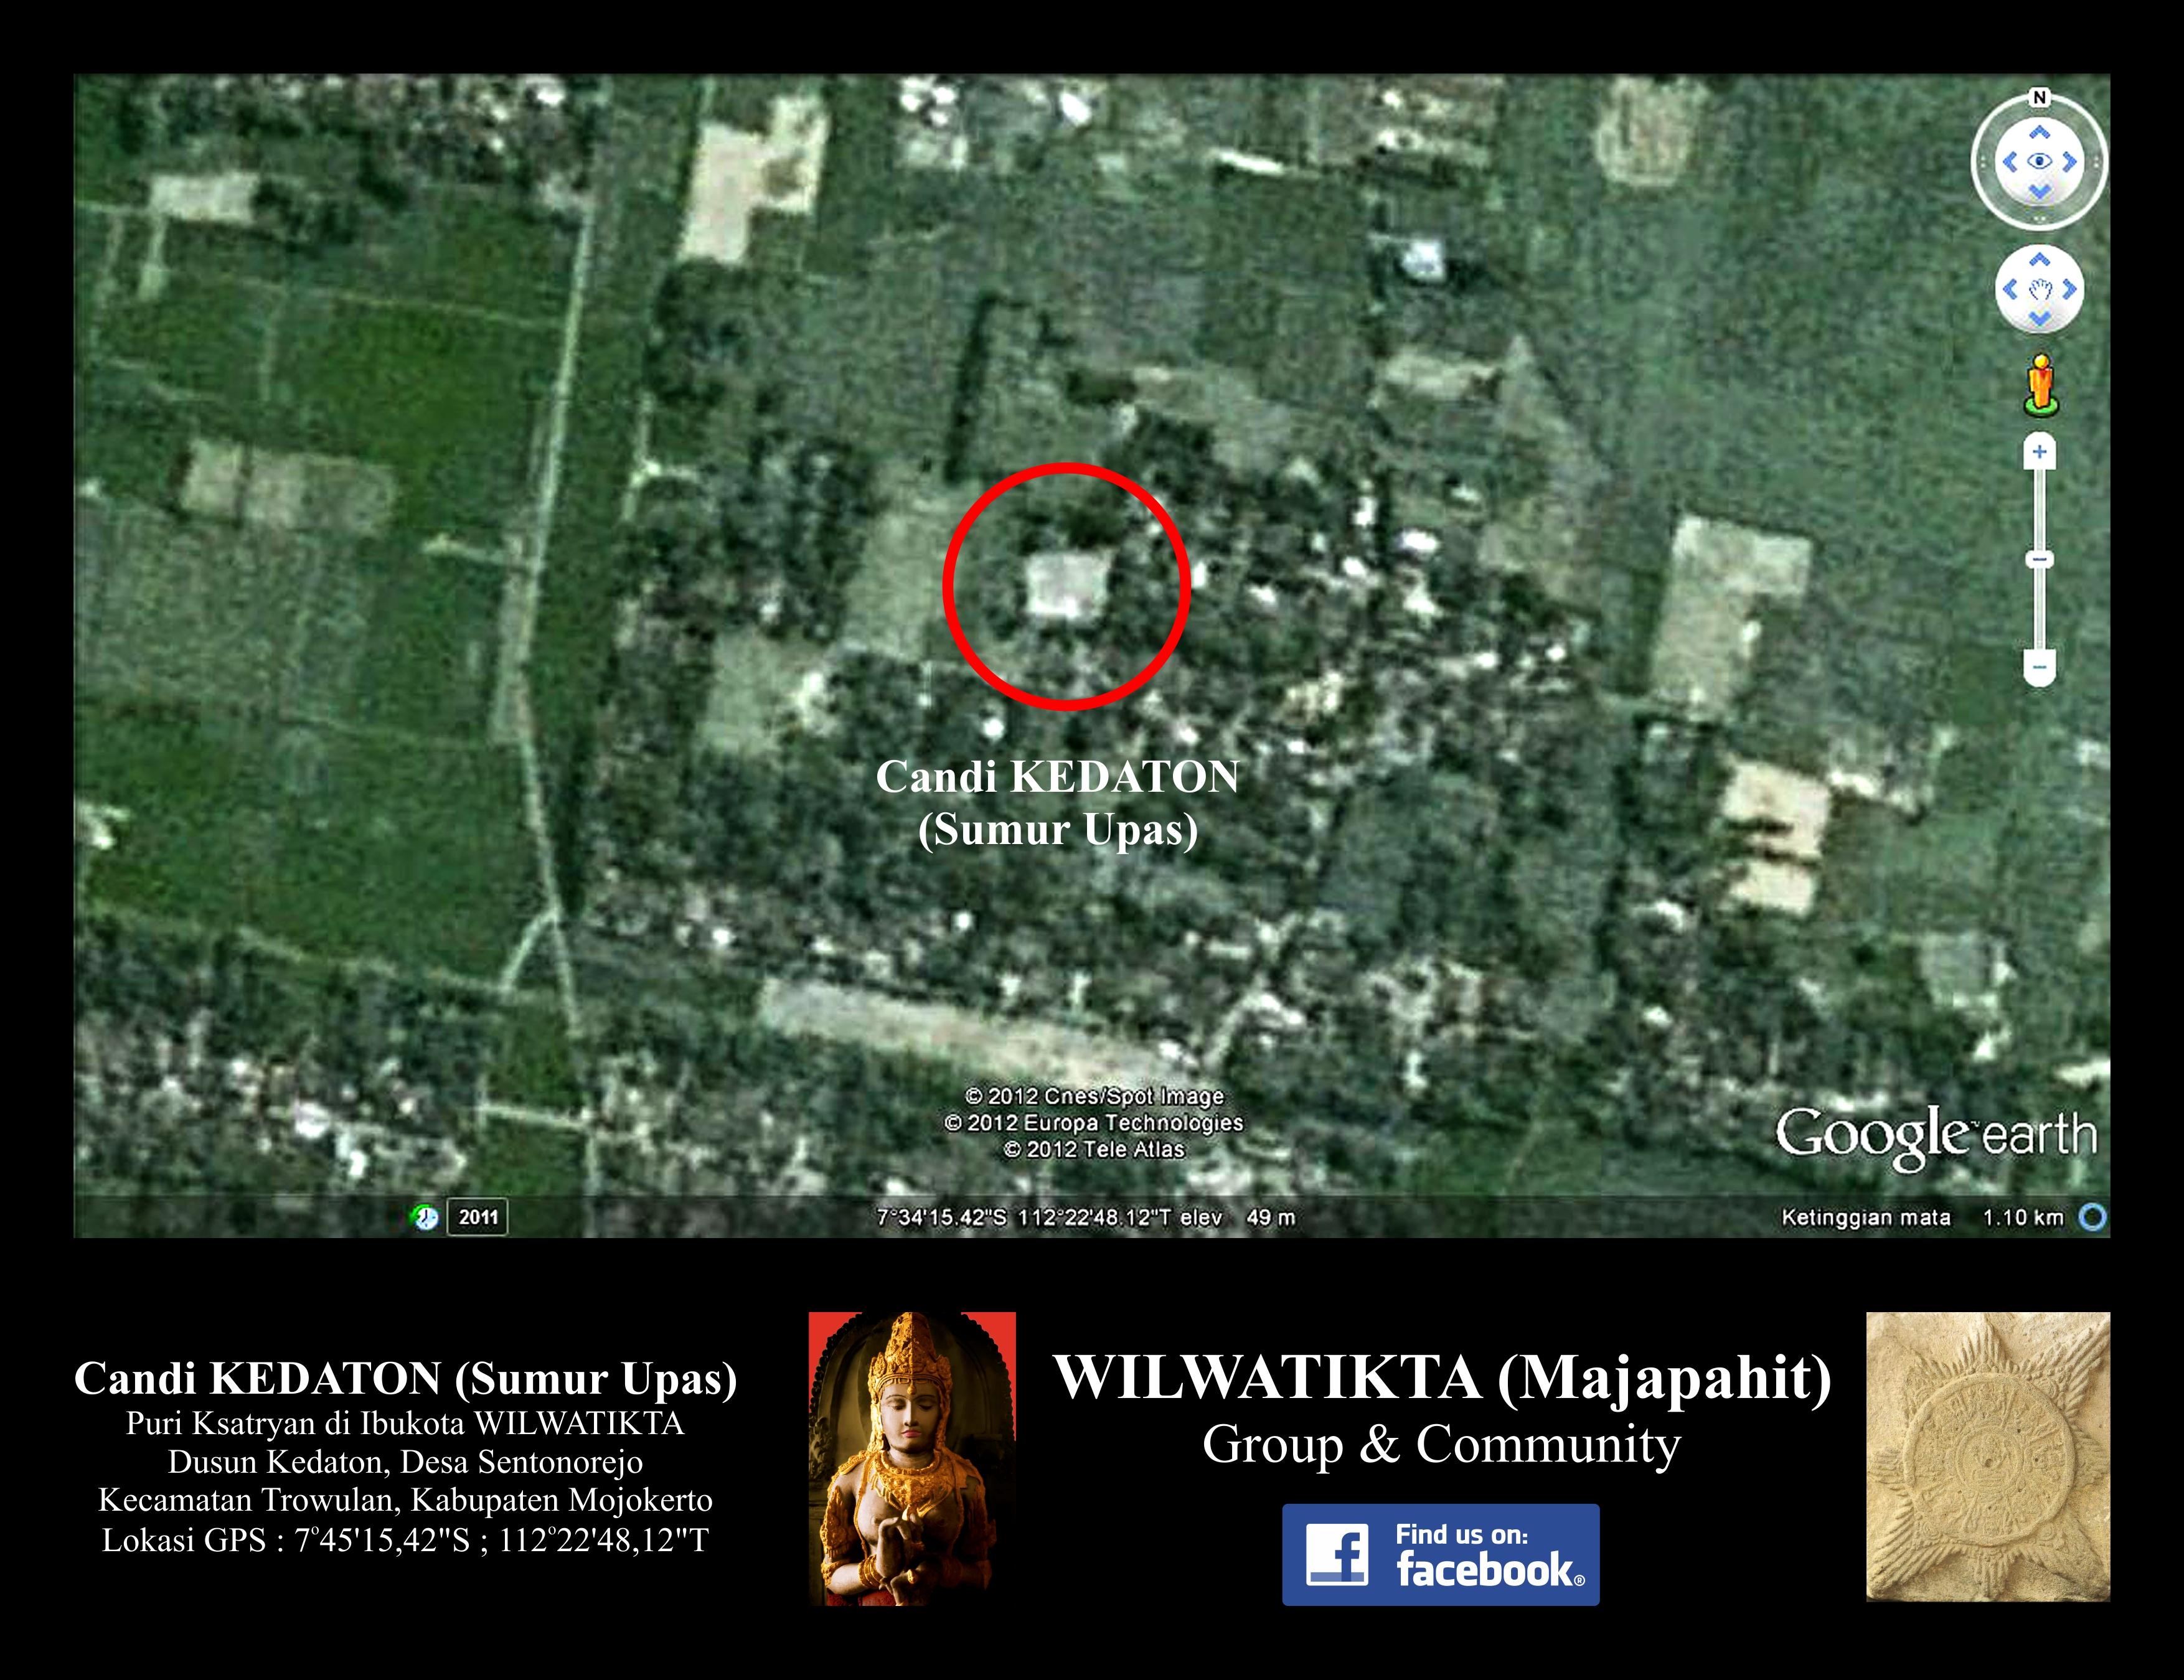 Candi Kedaton Sumur Upas Peninggalan Kerajaan Wilwatikta Kab Mojokerto